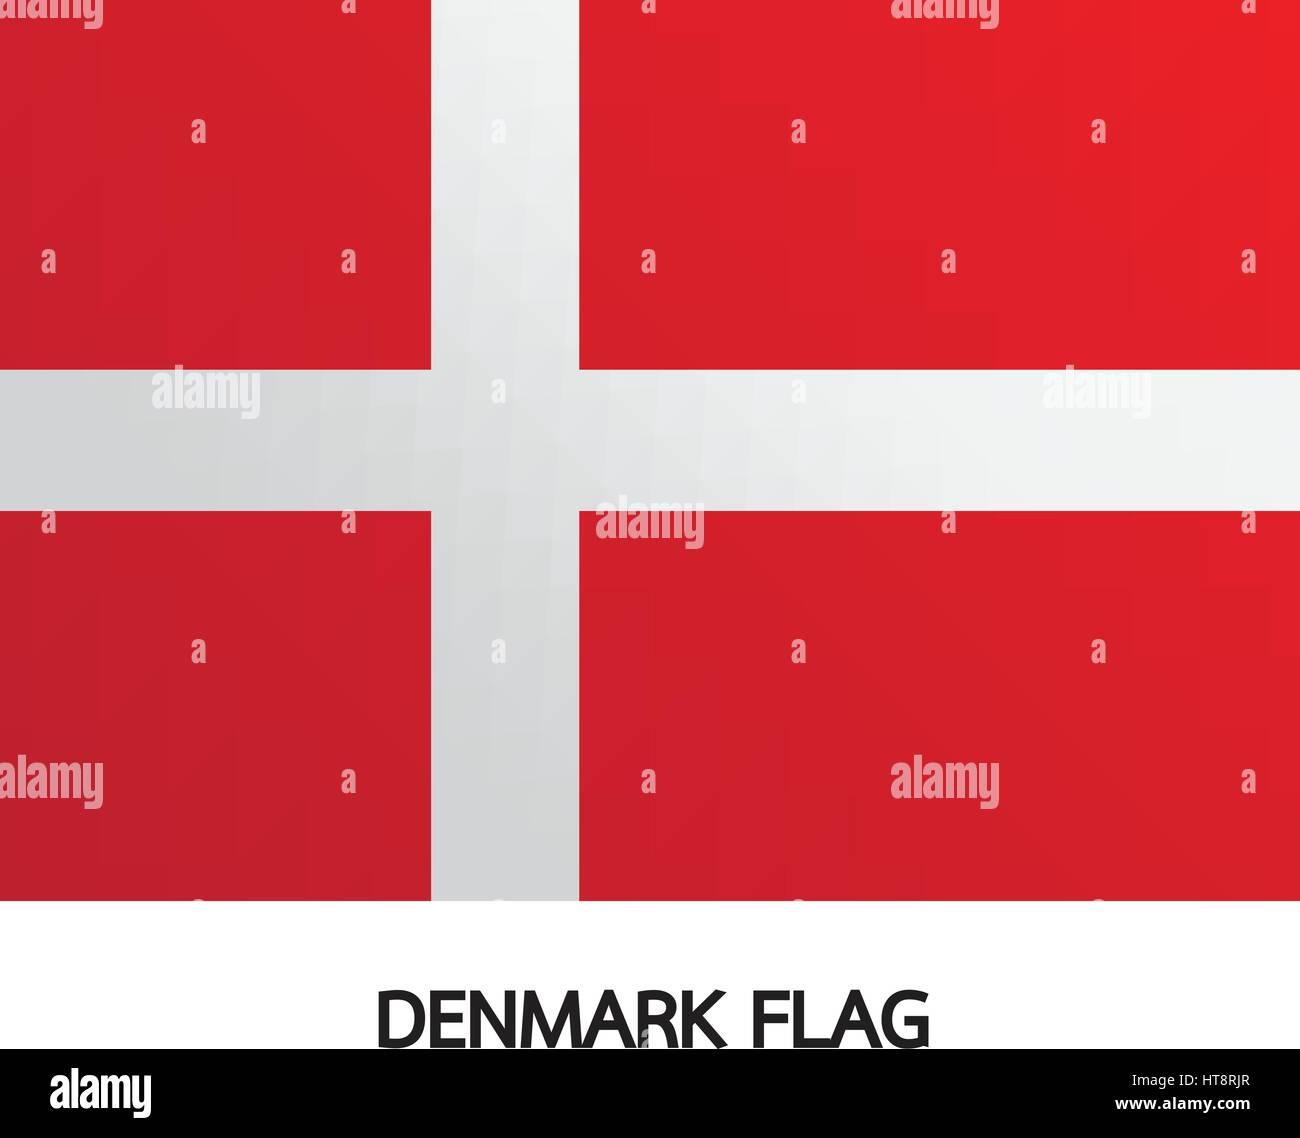 Denmark flag illustration design - Stock Vector